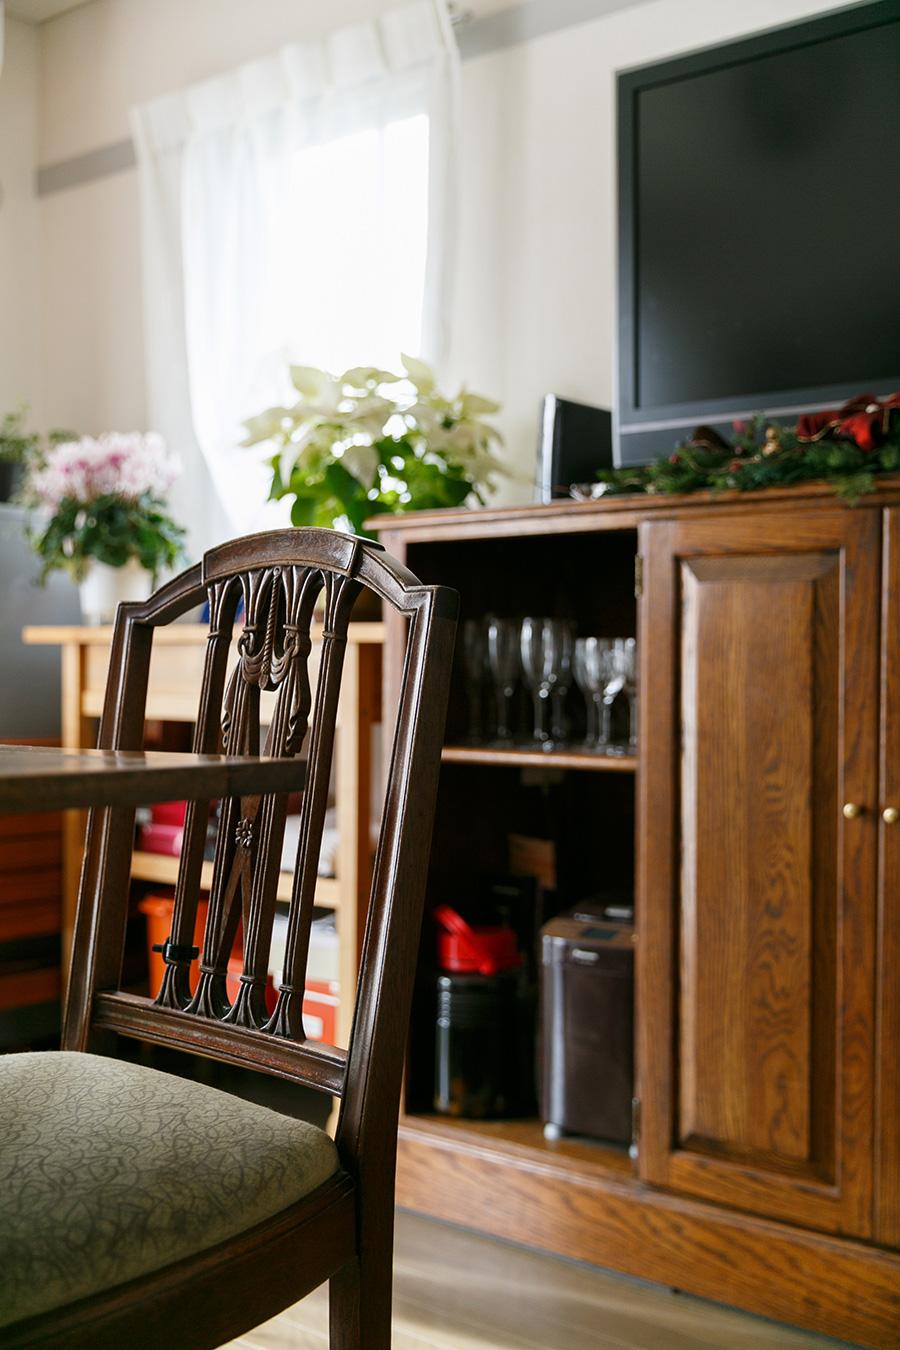 キャビネットはアメリカのアンティーク。器や食材をたっぷり収納できる。